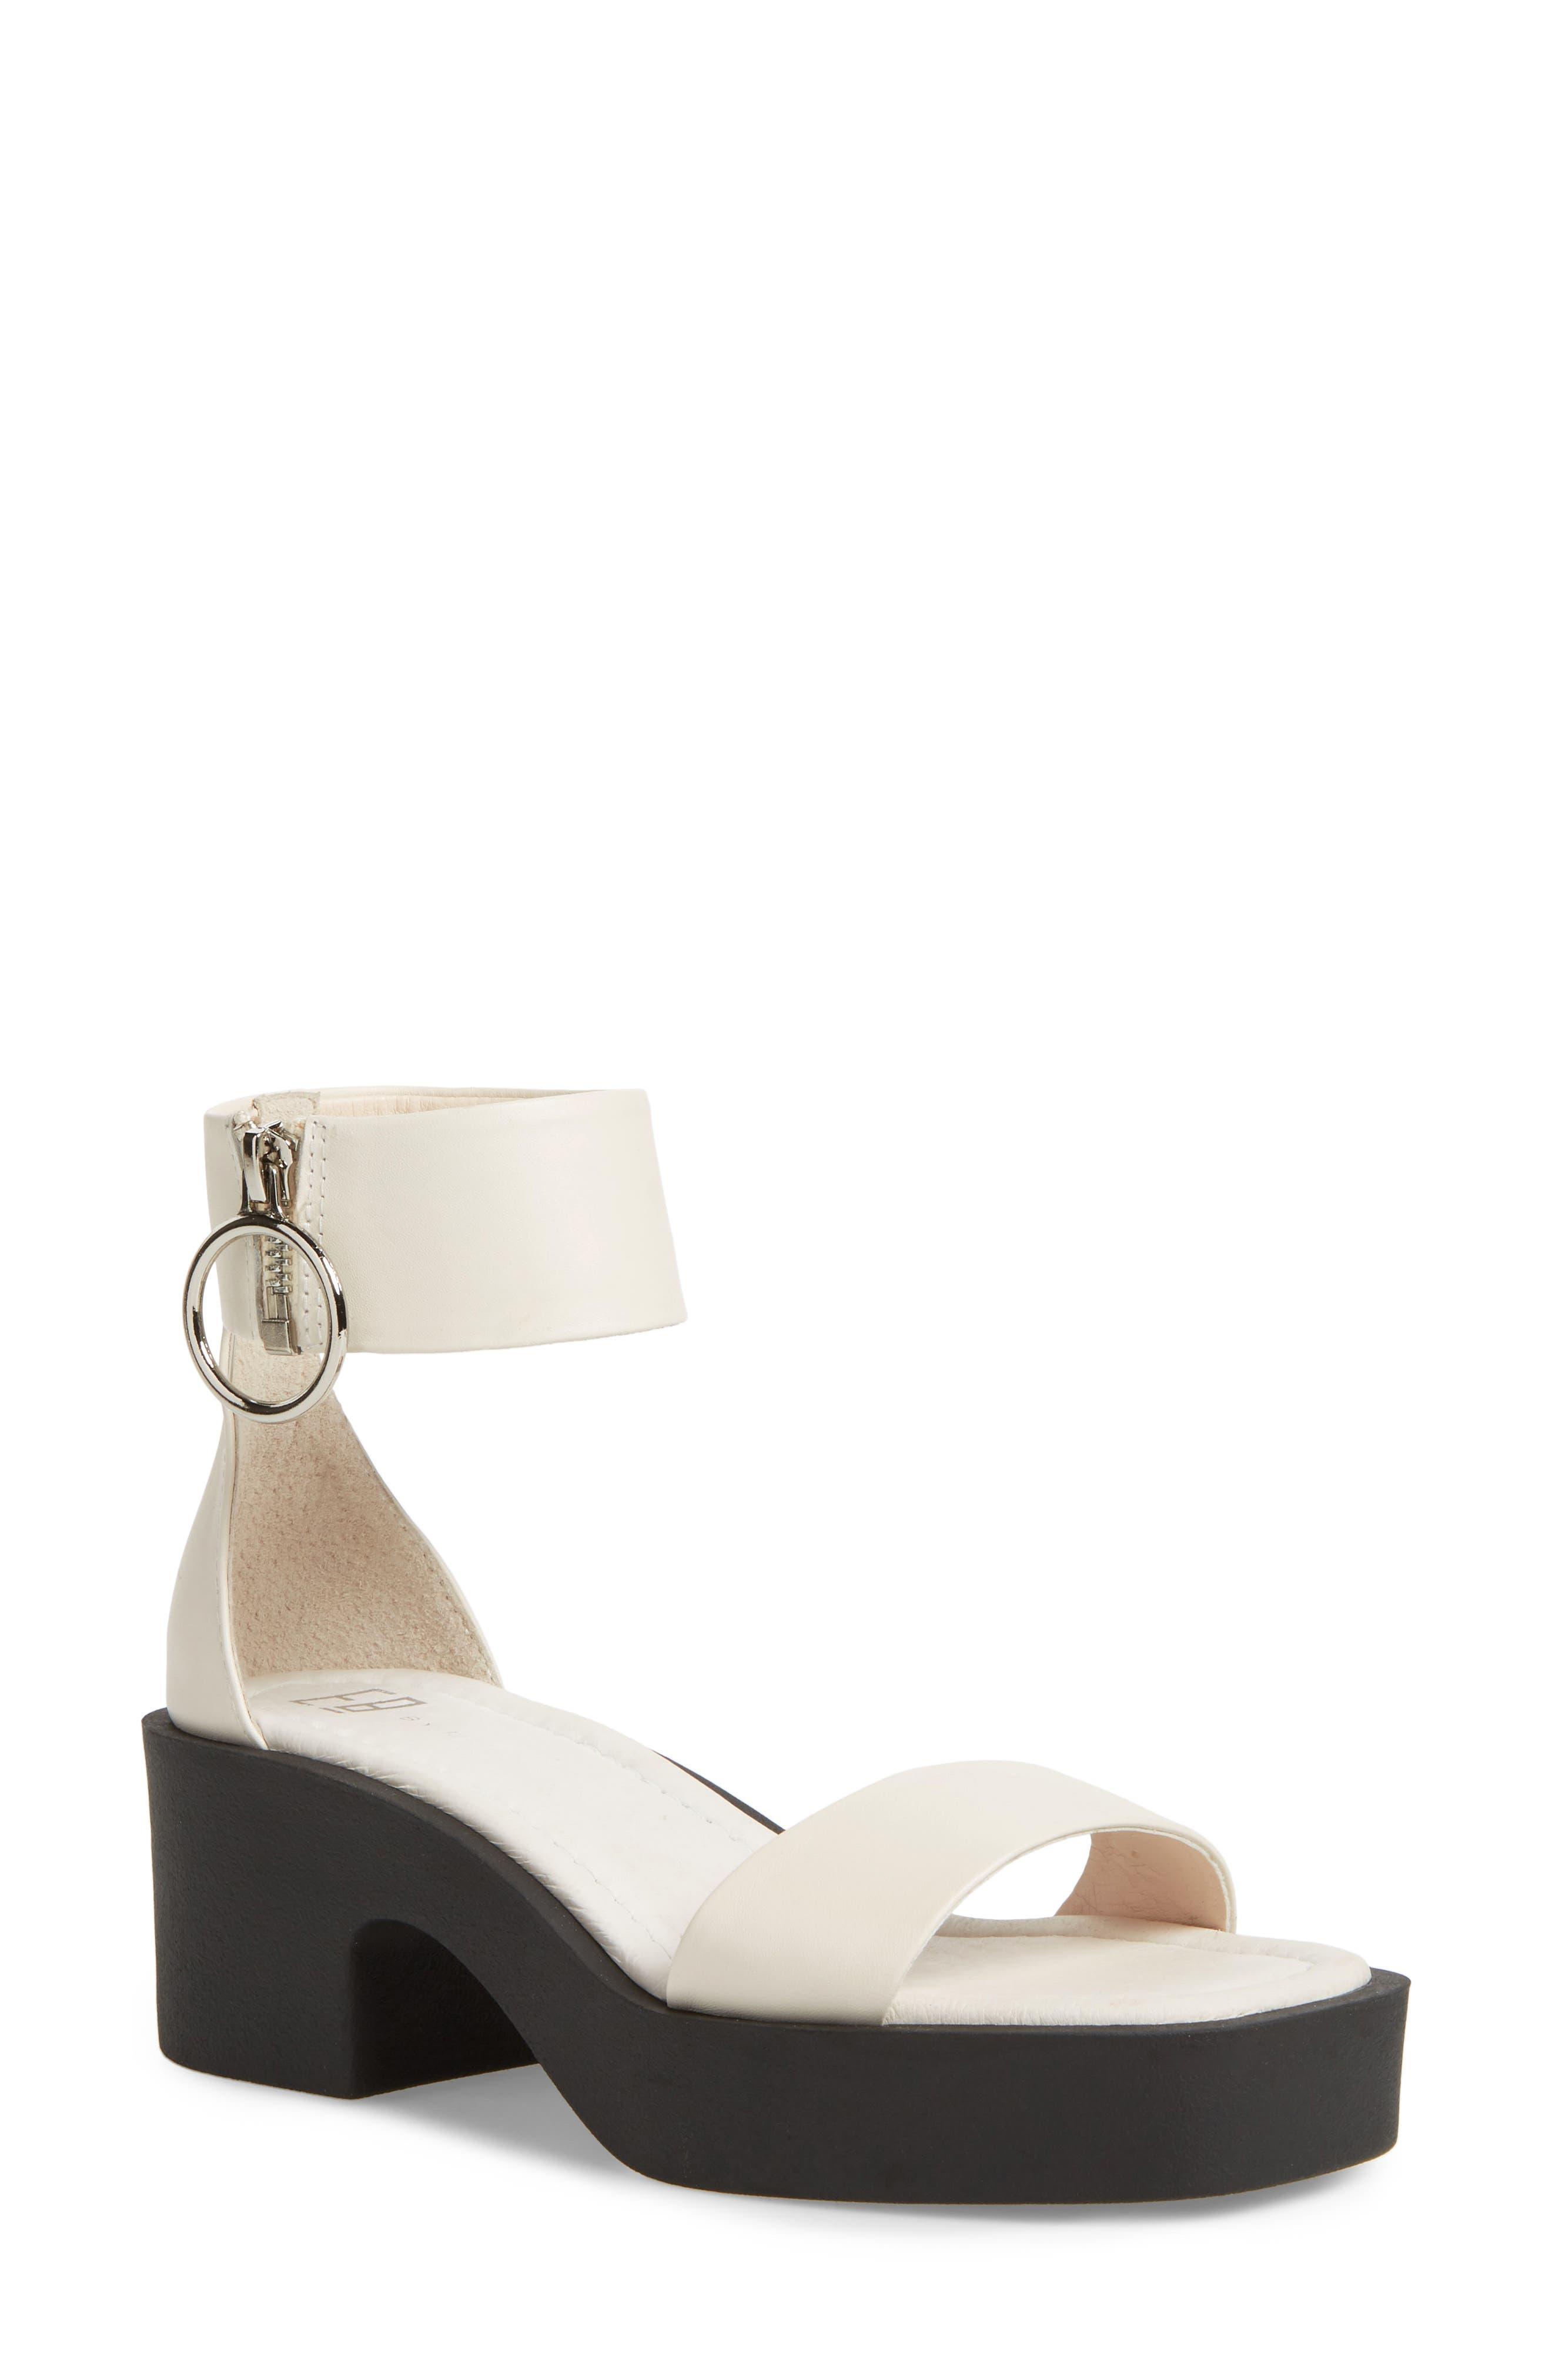 E8 by Miista Savannah Cuff Platform Sandal (Women)